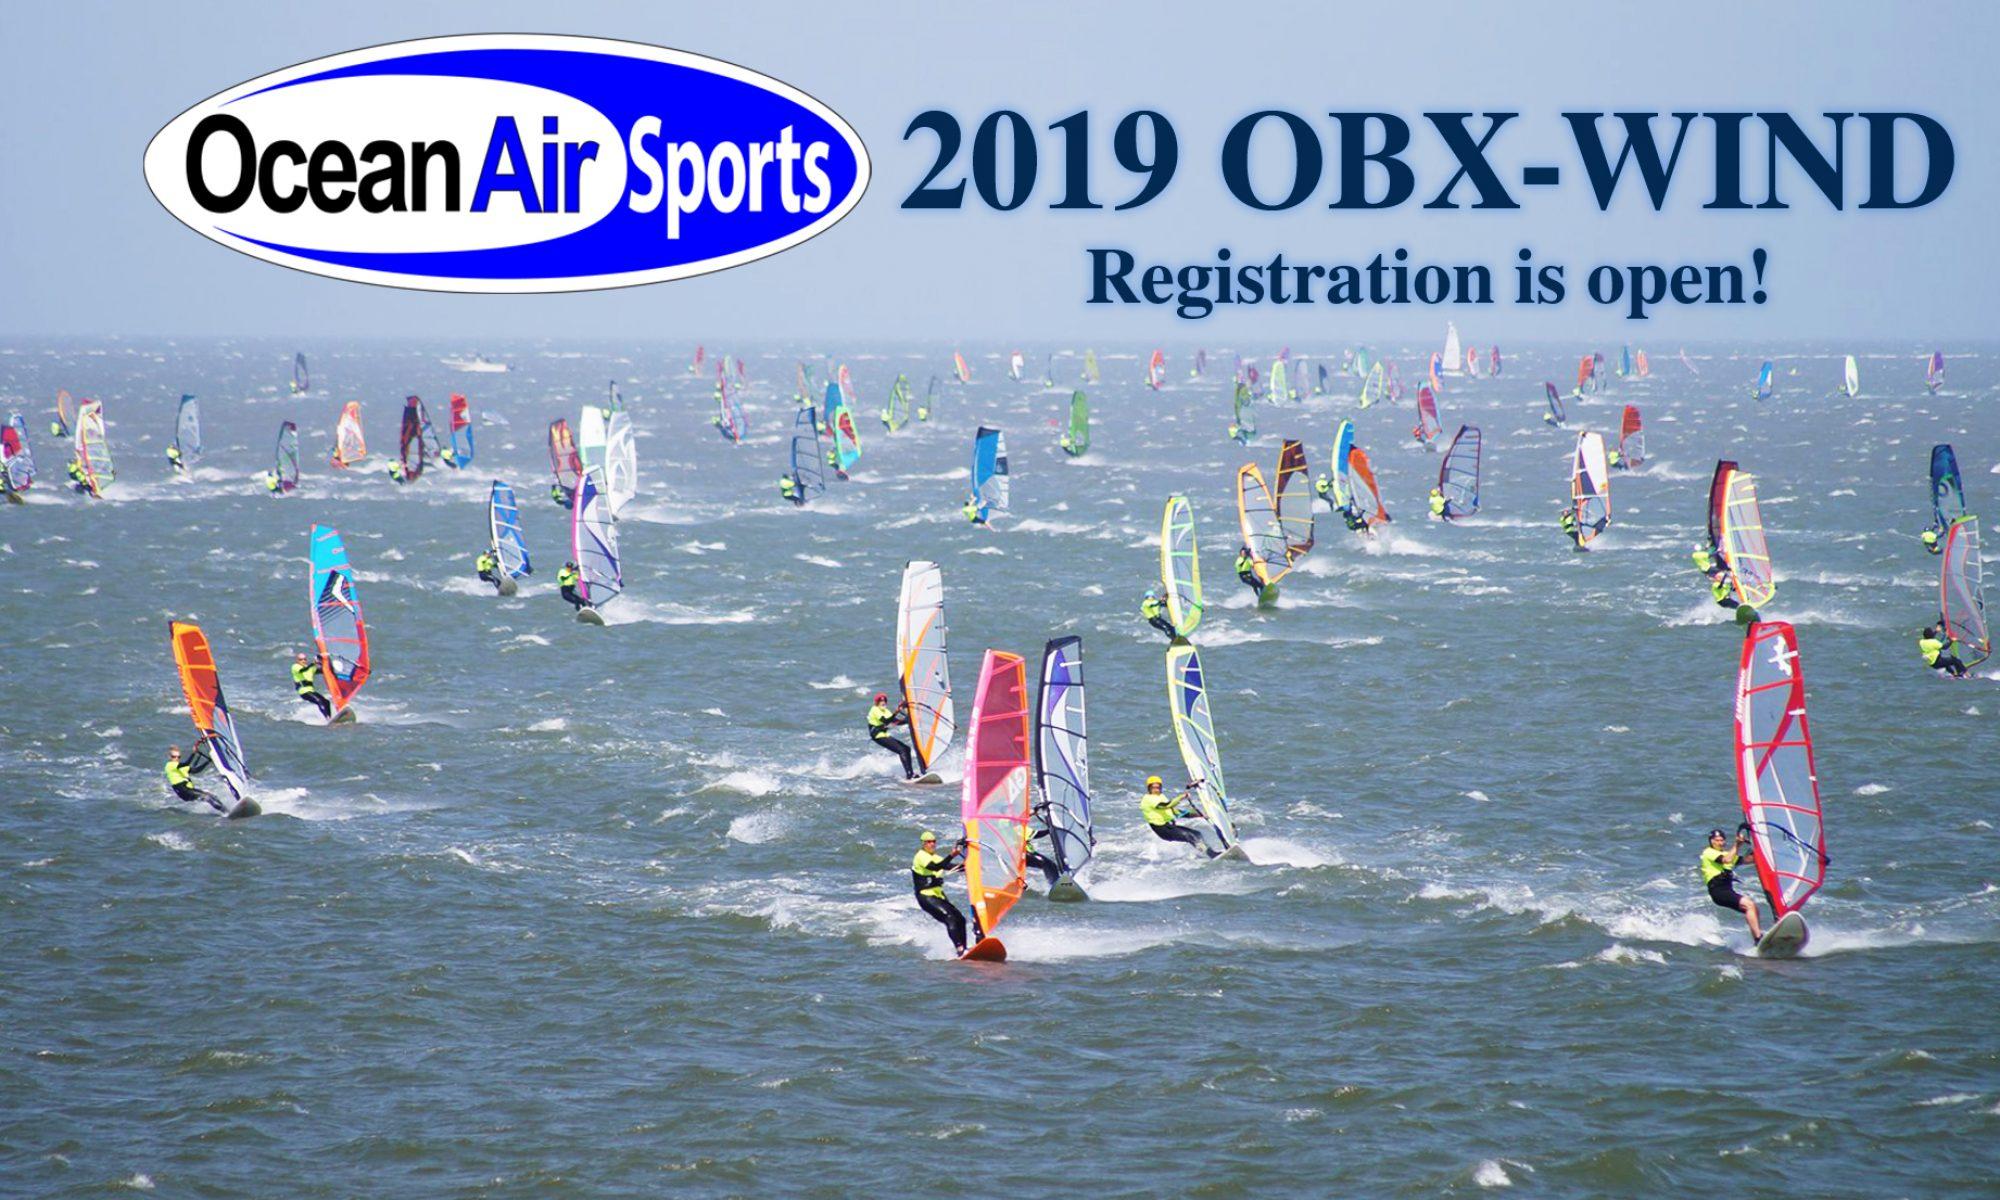 OBX-WIND